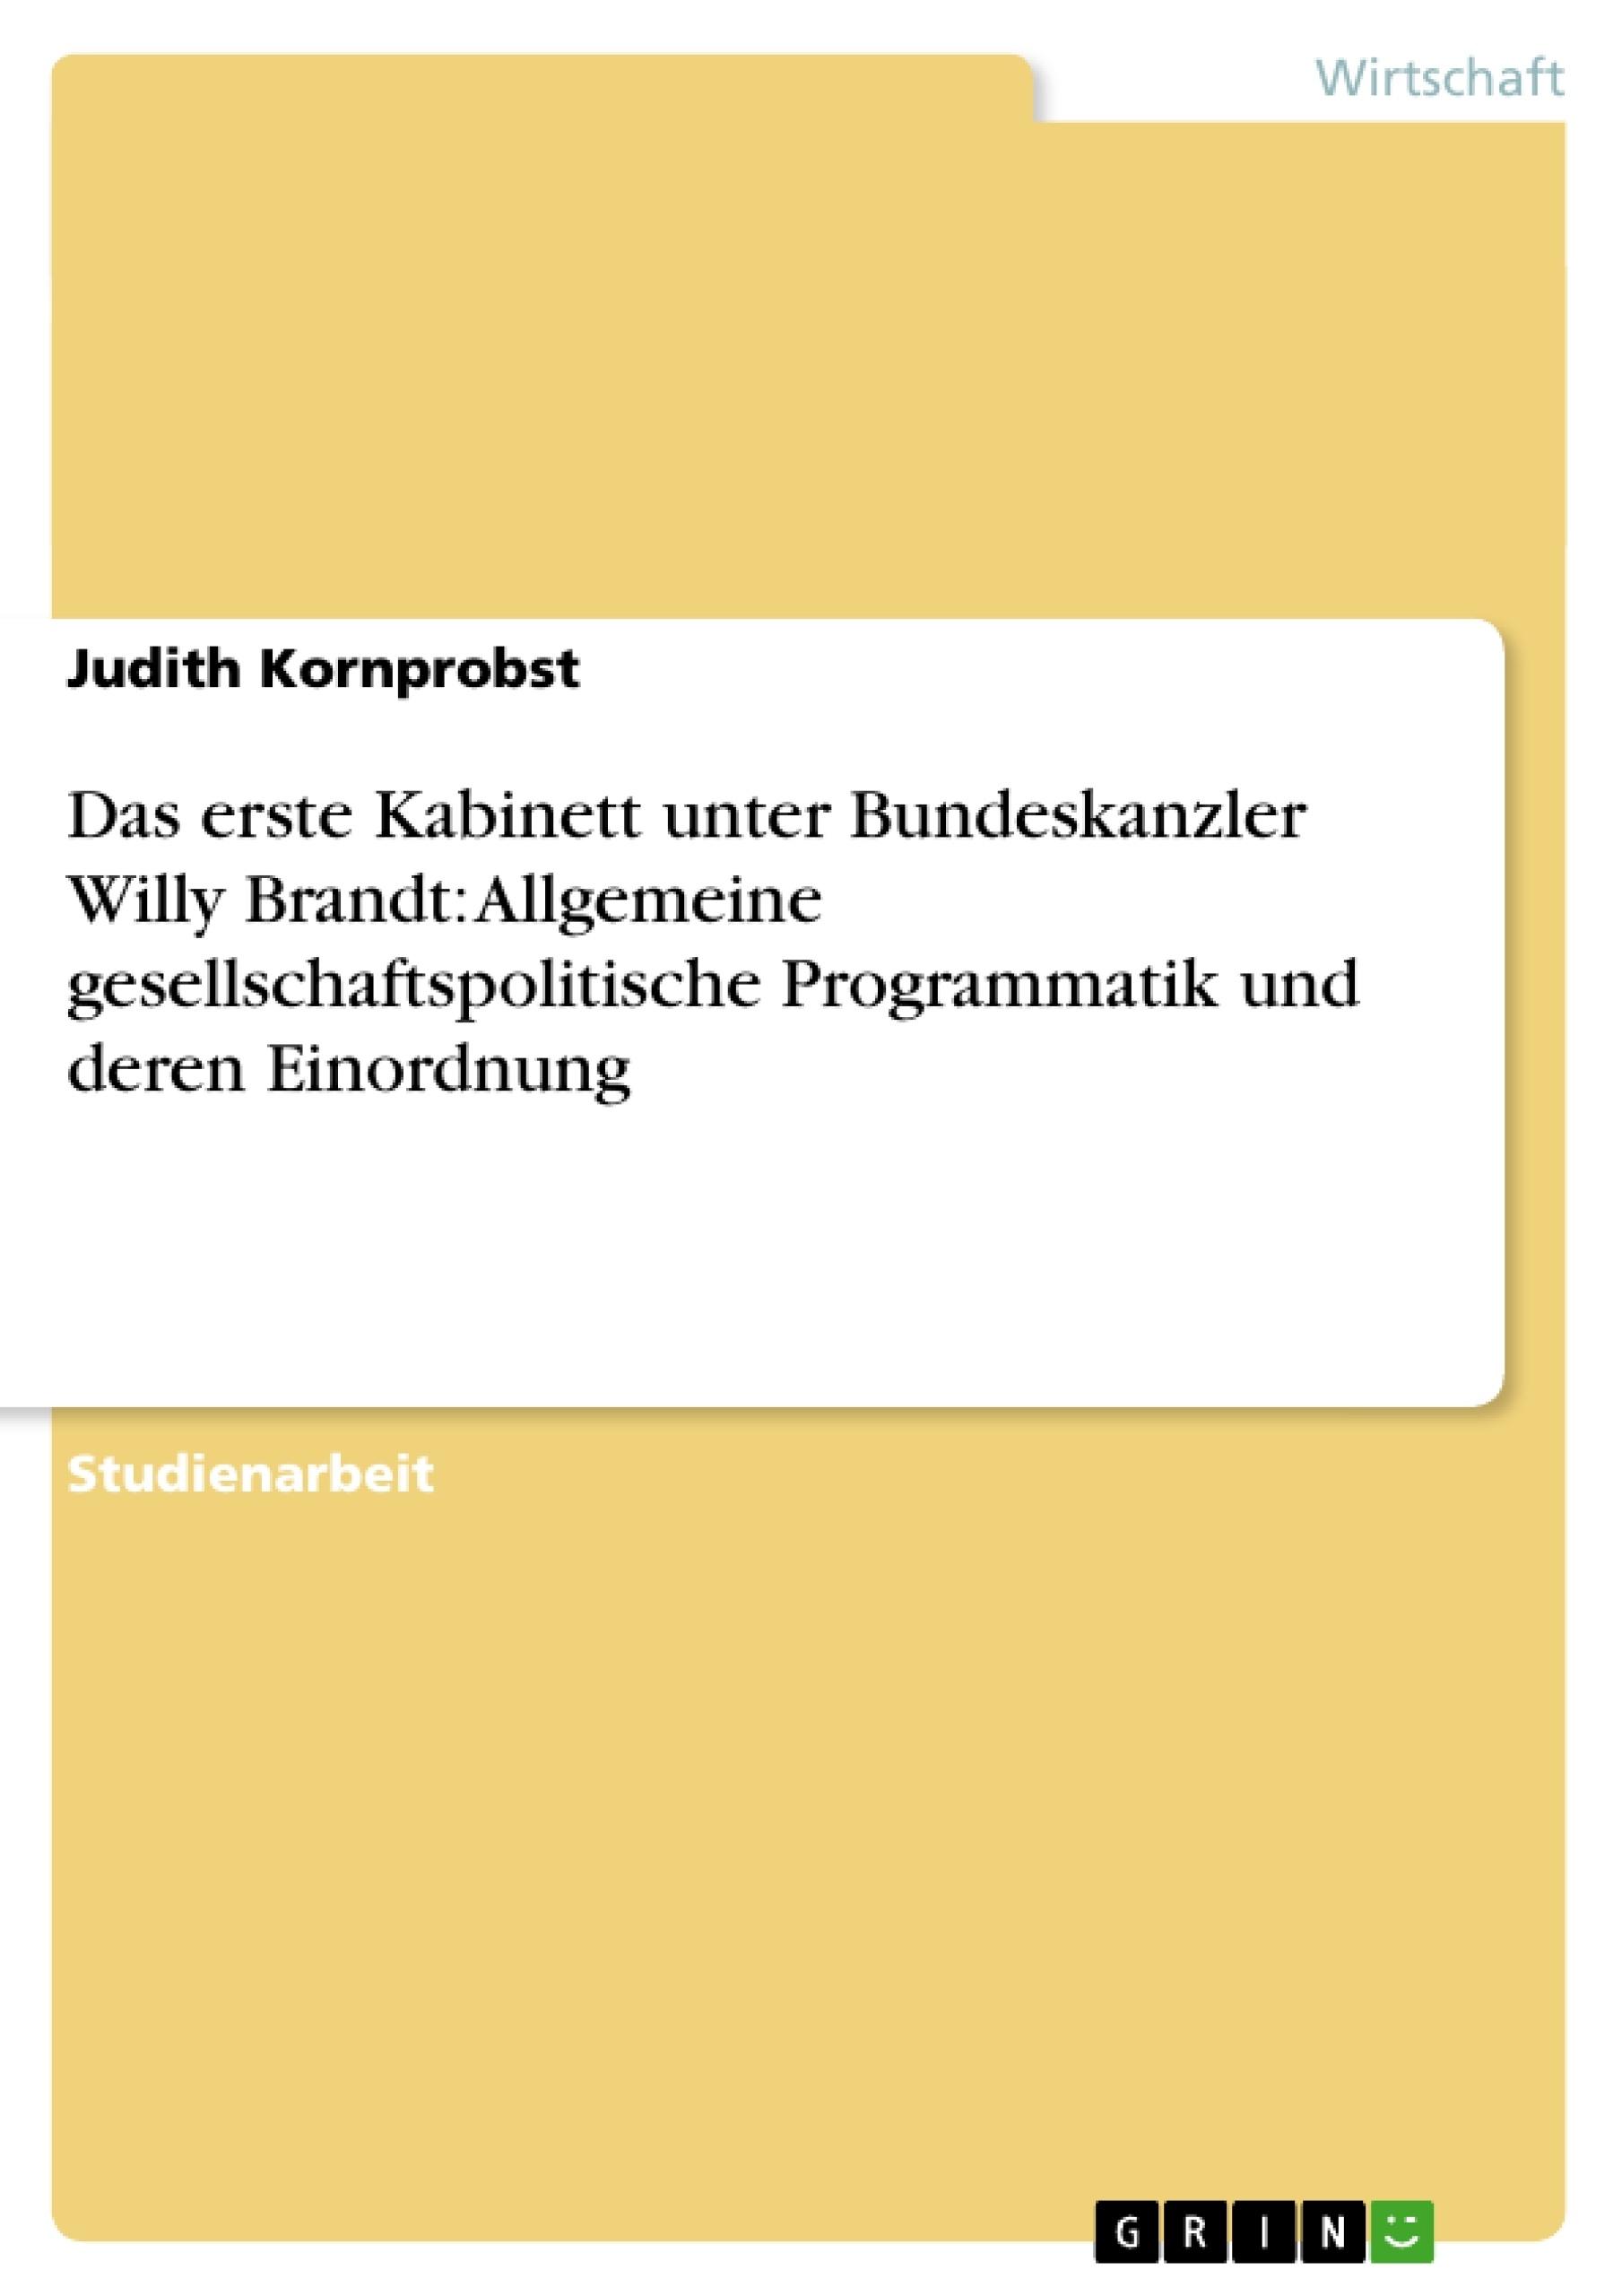 Titel: Das erste Kabinett unter Bundeskanzler Willy Brandt: Allgemeine gesellschaftspolitische Programmatik und deren Einordnung